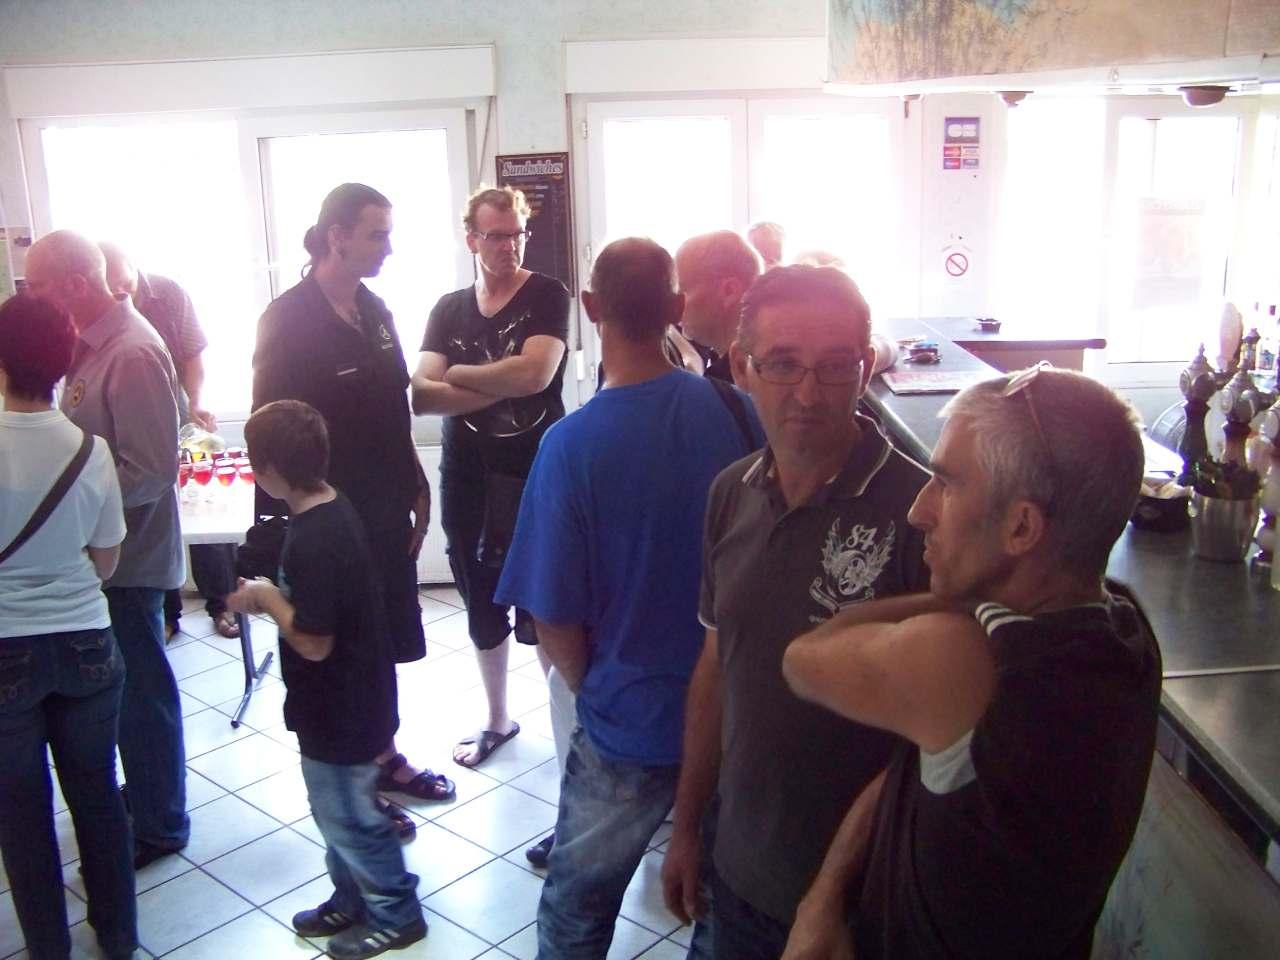 [Rasso] 22 Septembre 2012 - Rassemblement Dans Le Sud De La France (Orgon) Orgon-120922-047